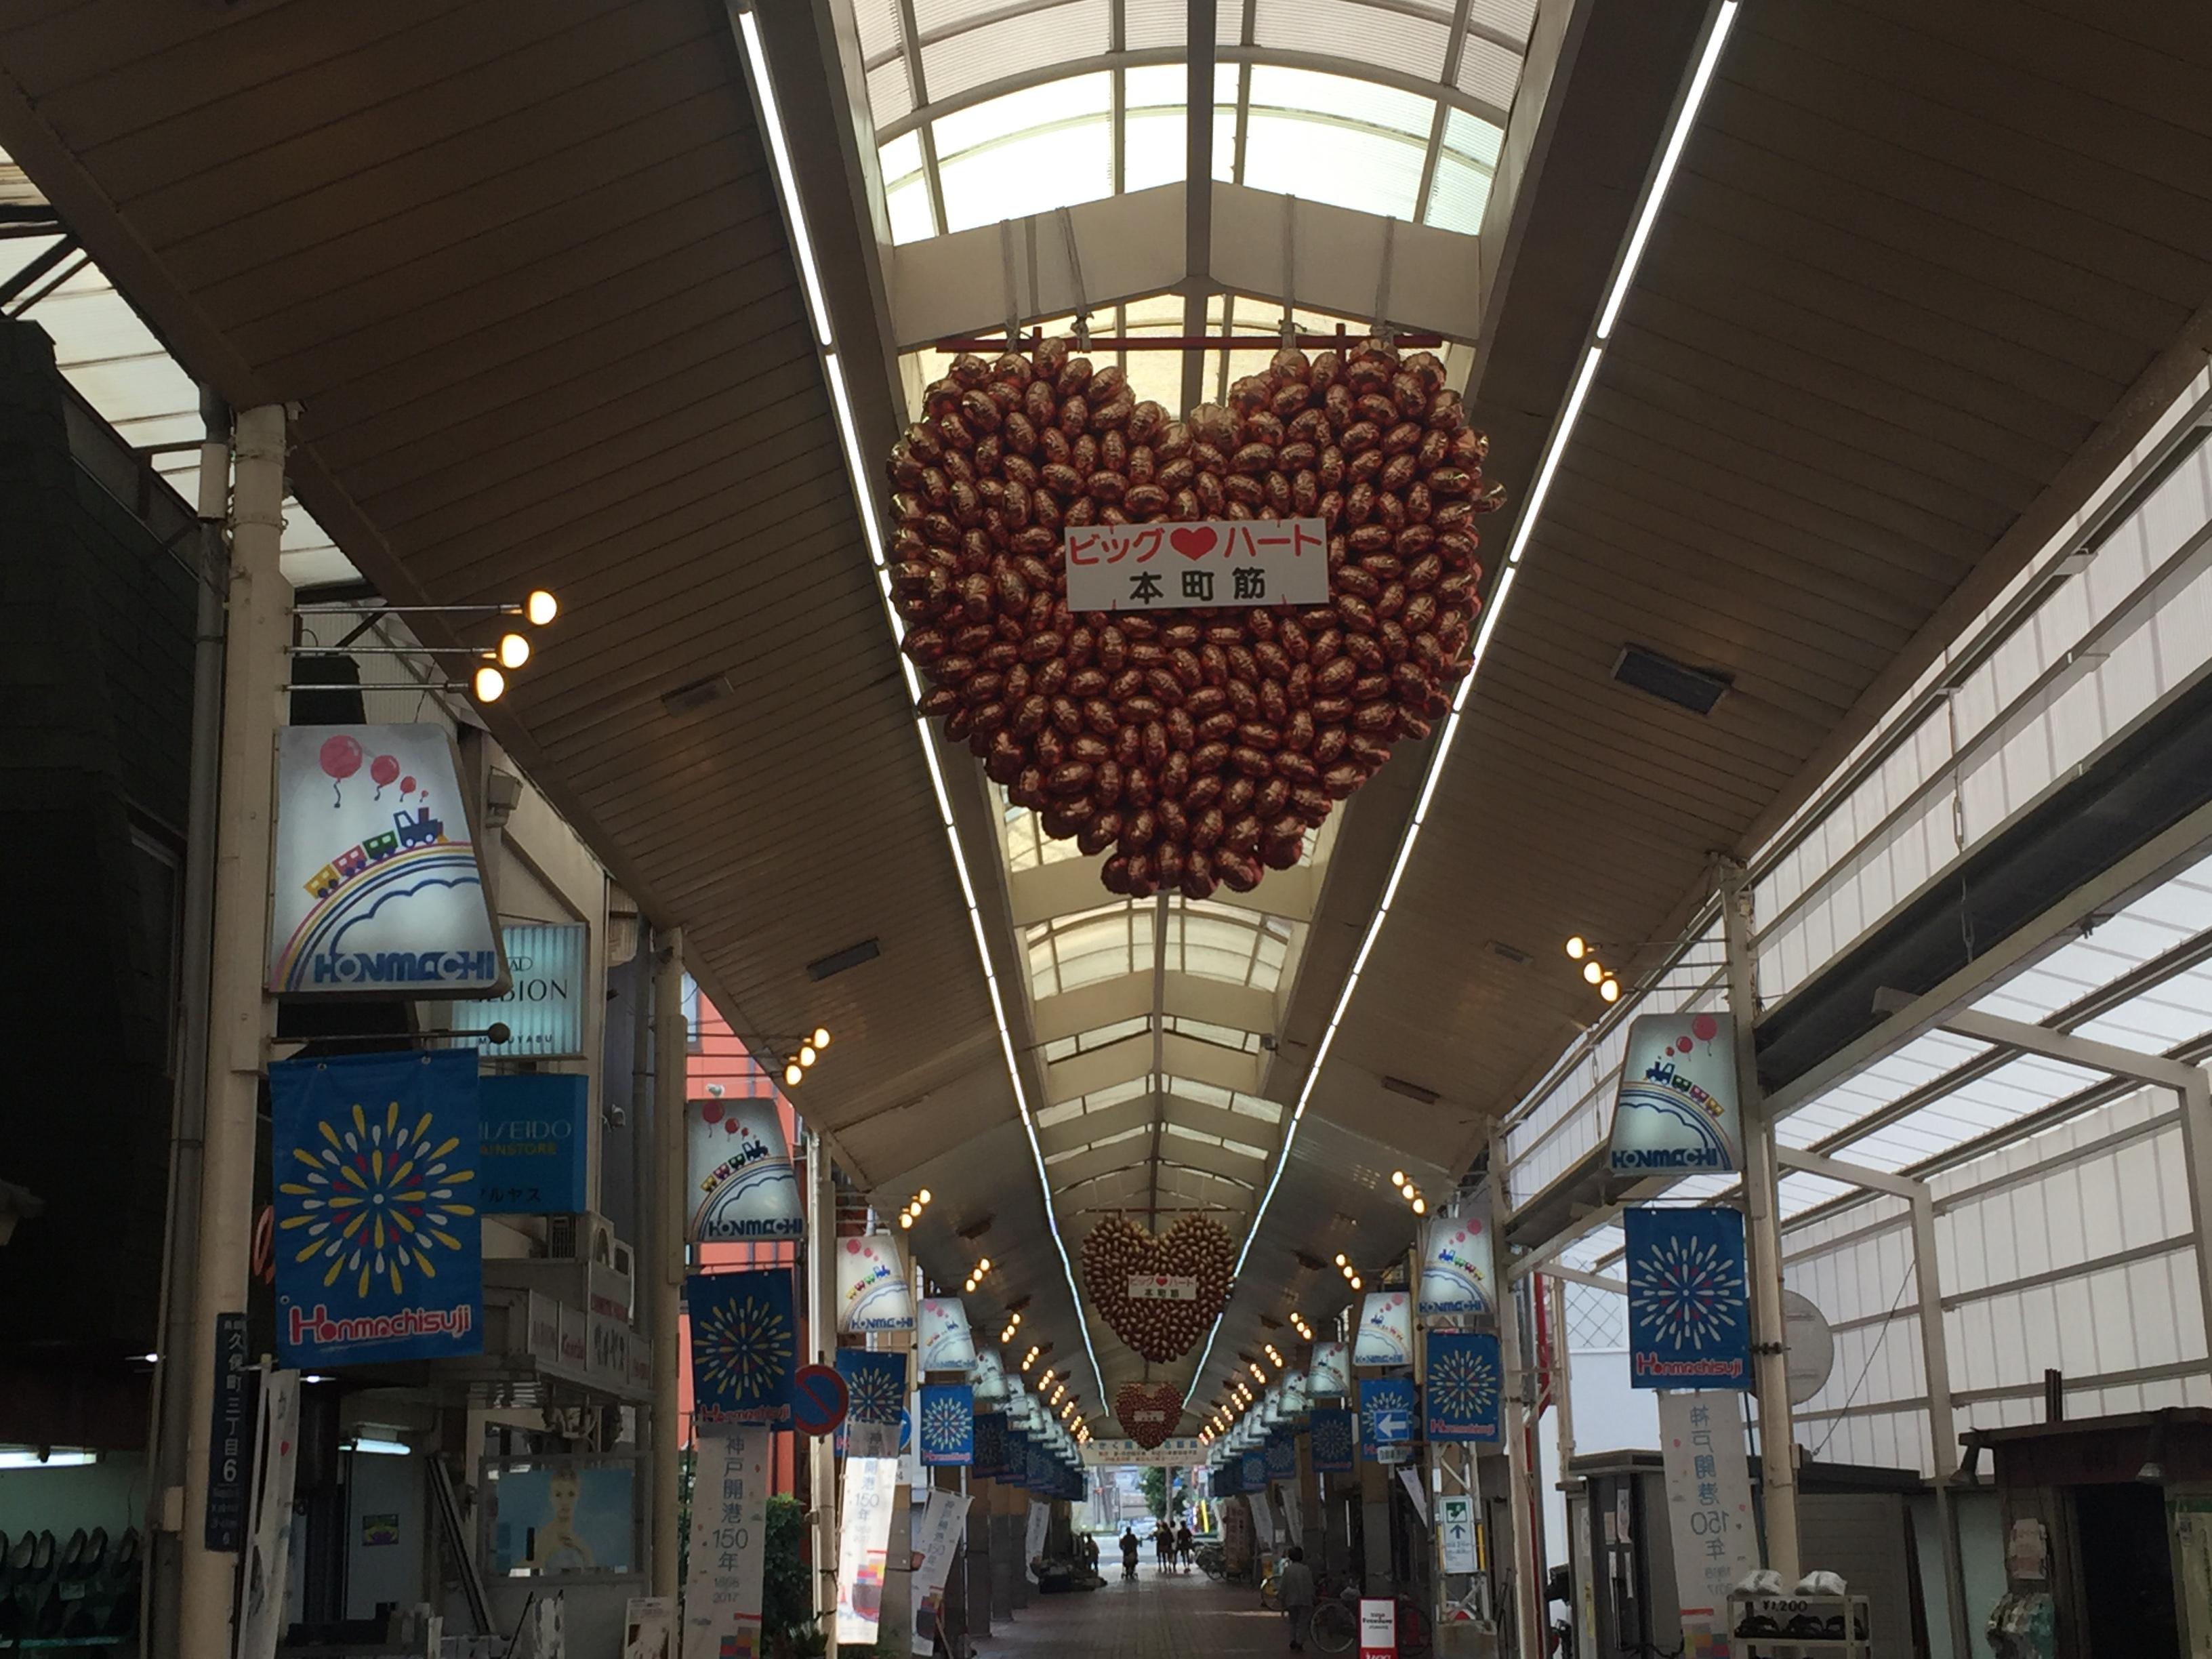 神戸・新長田の本町筋商店街訪問&ブラブラ食べ歩きを、いたやどかりちゃんと楽しんだよ【新長田後編】#新長田